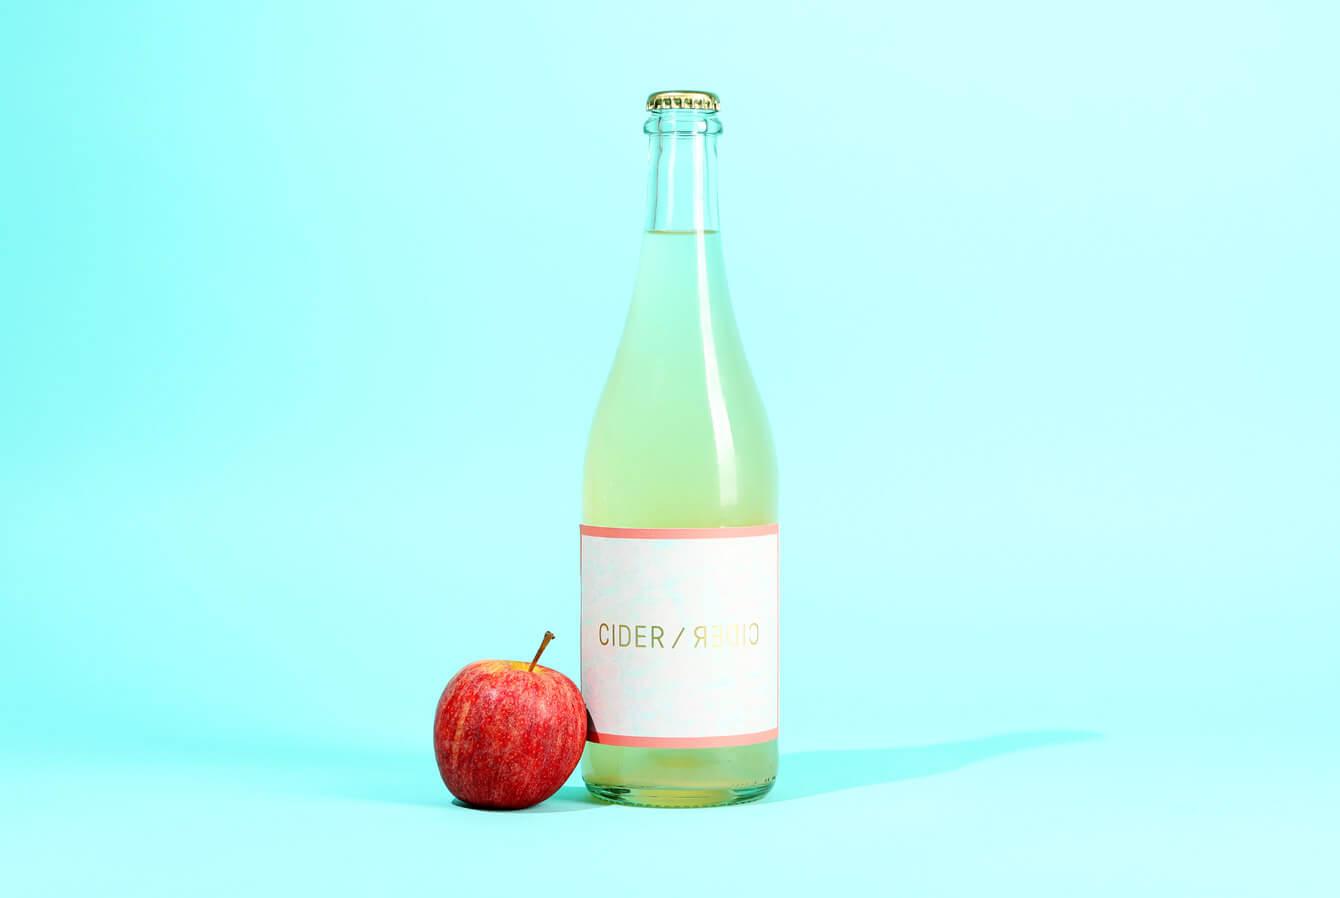 Sundström Cider — Cider/Cider